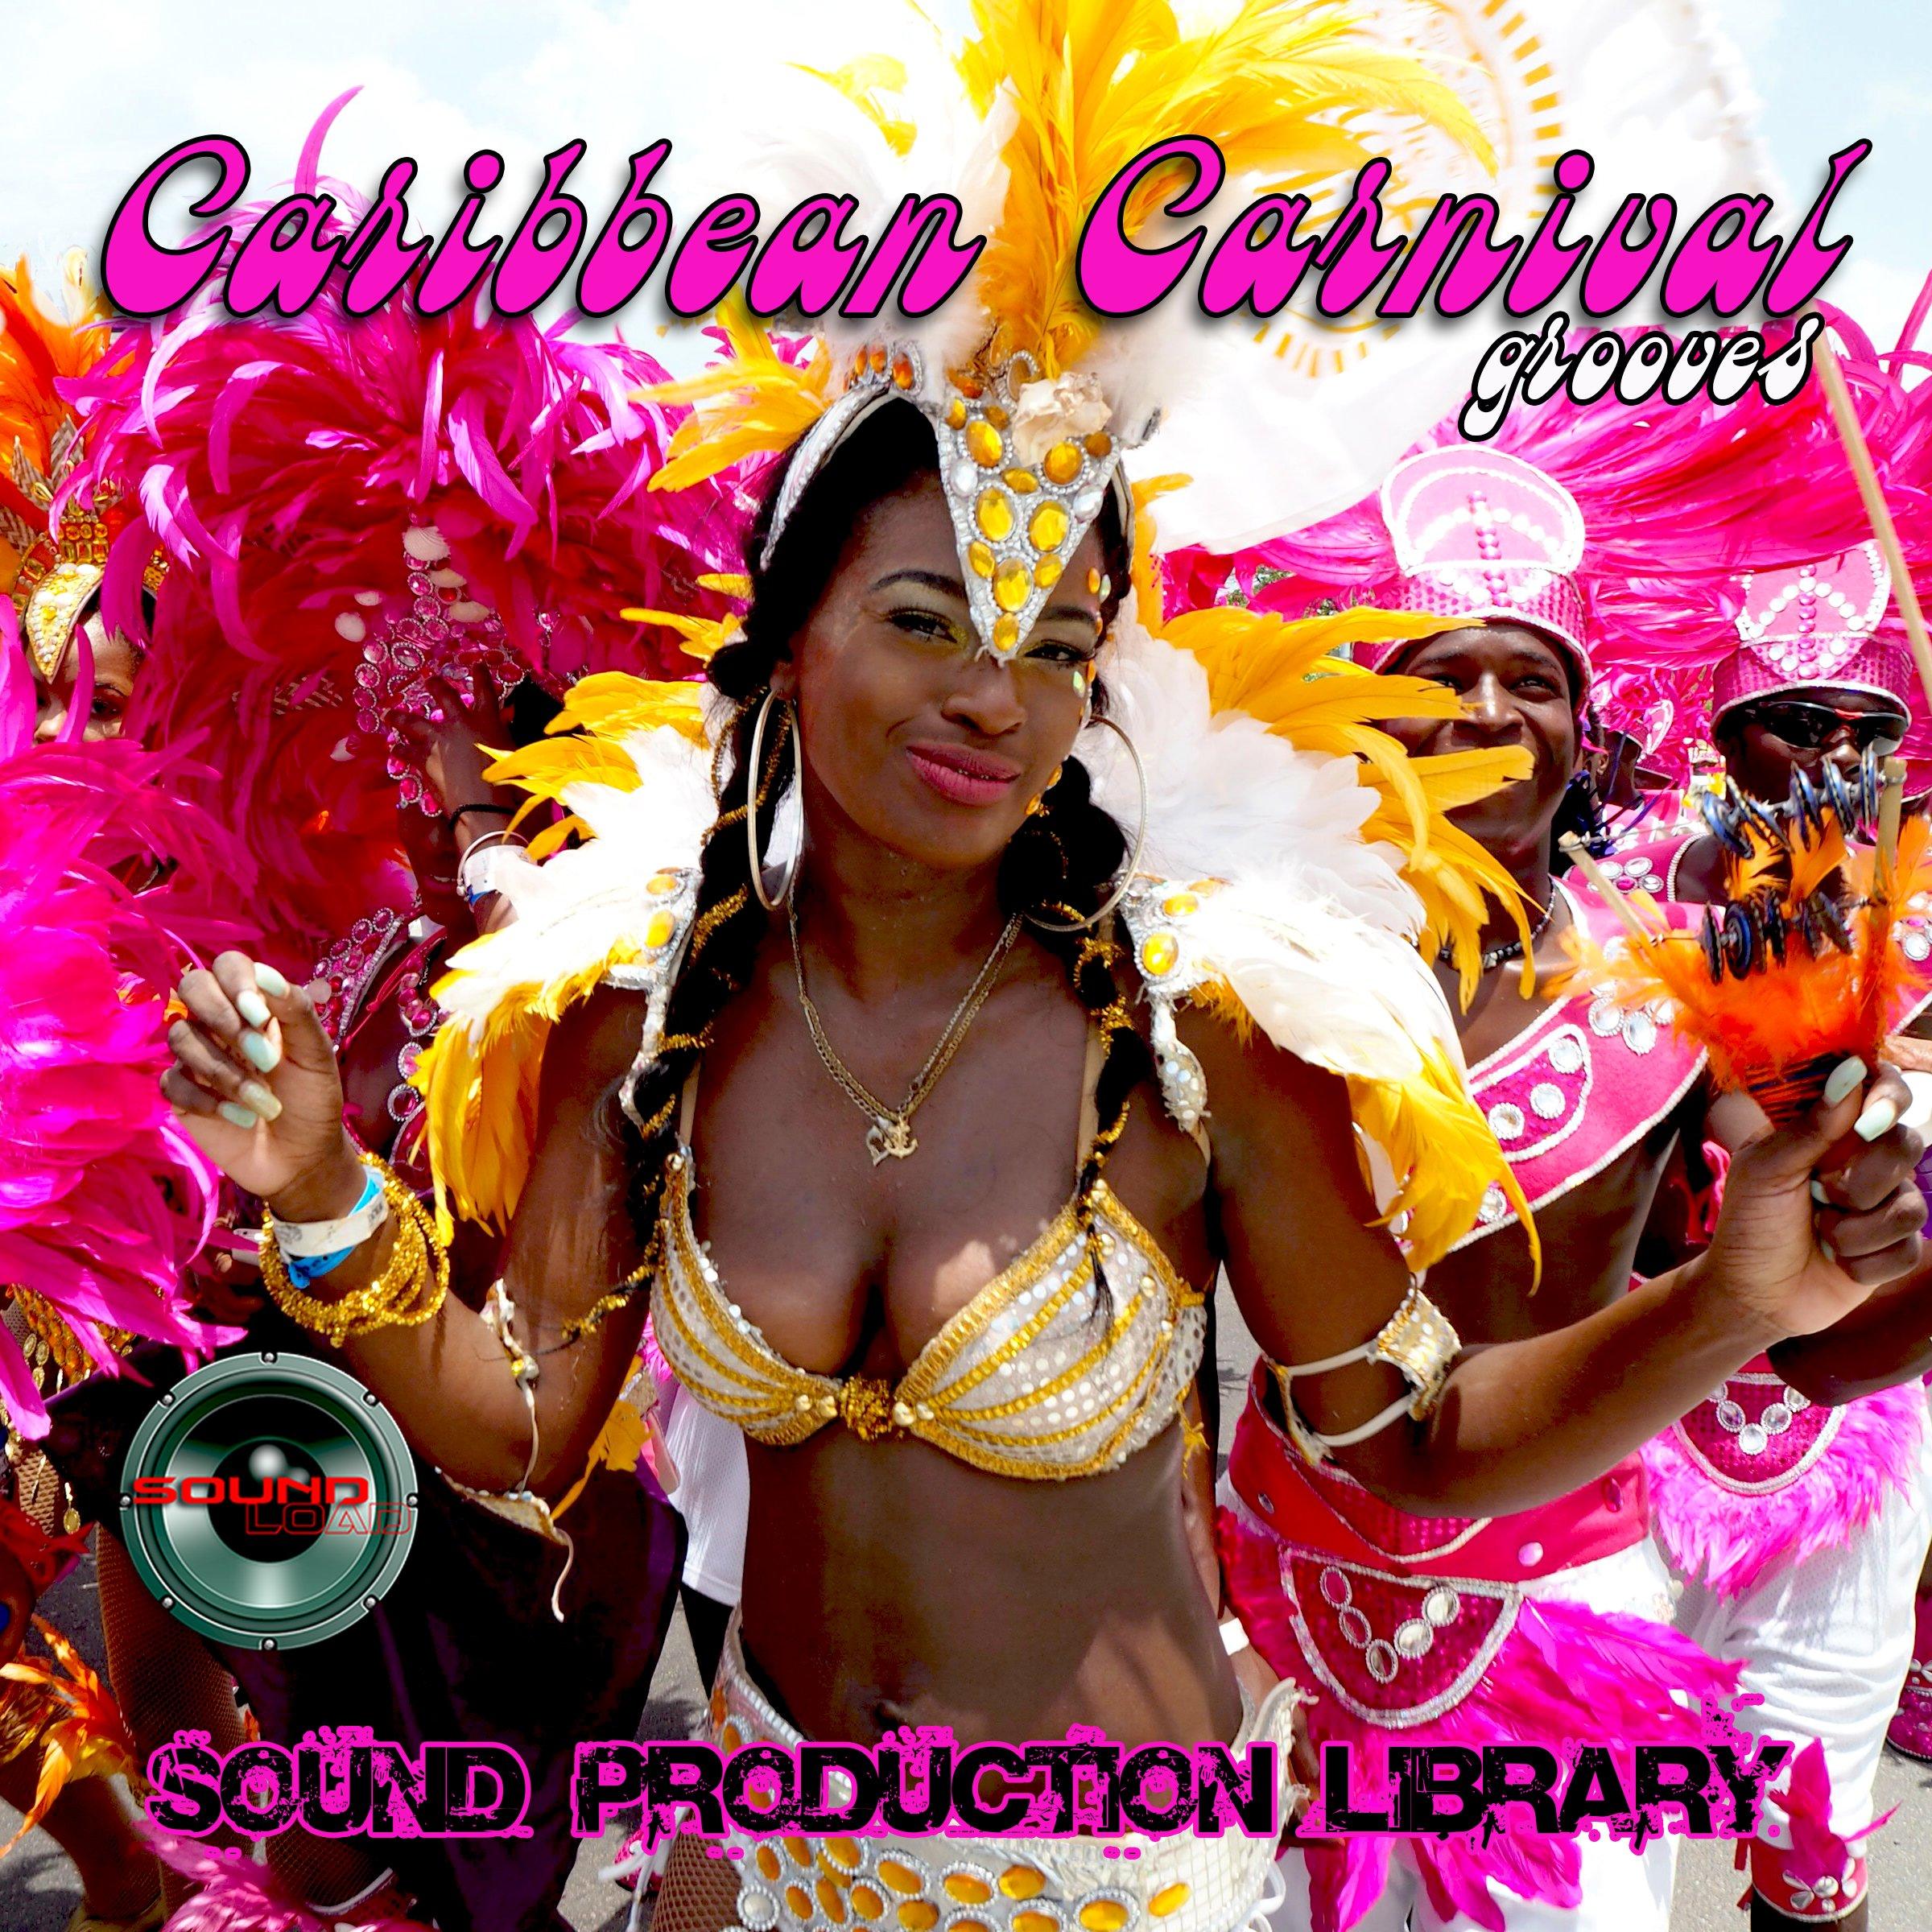 Caribbean Carnival Grooves - Large unique original WAVE/Kontakt Multi-Layer Samples Library on 2 DVD or download